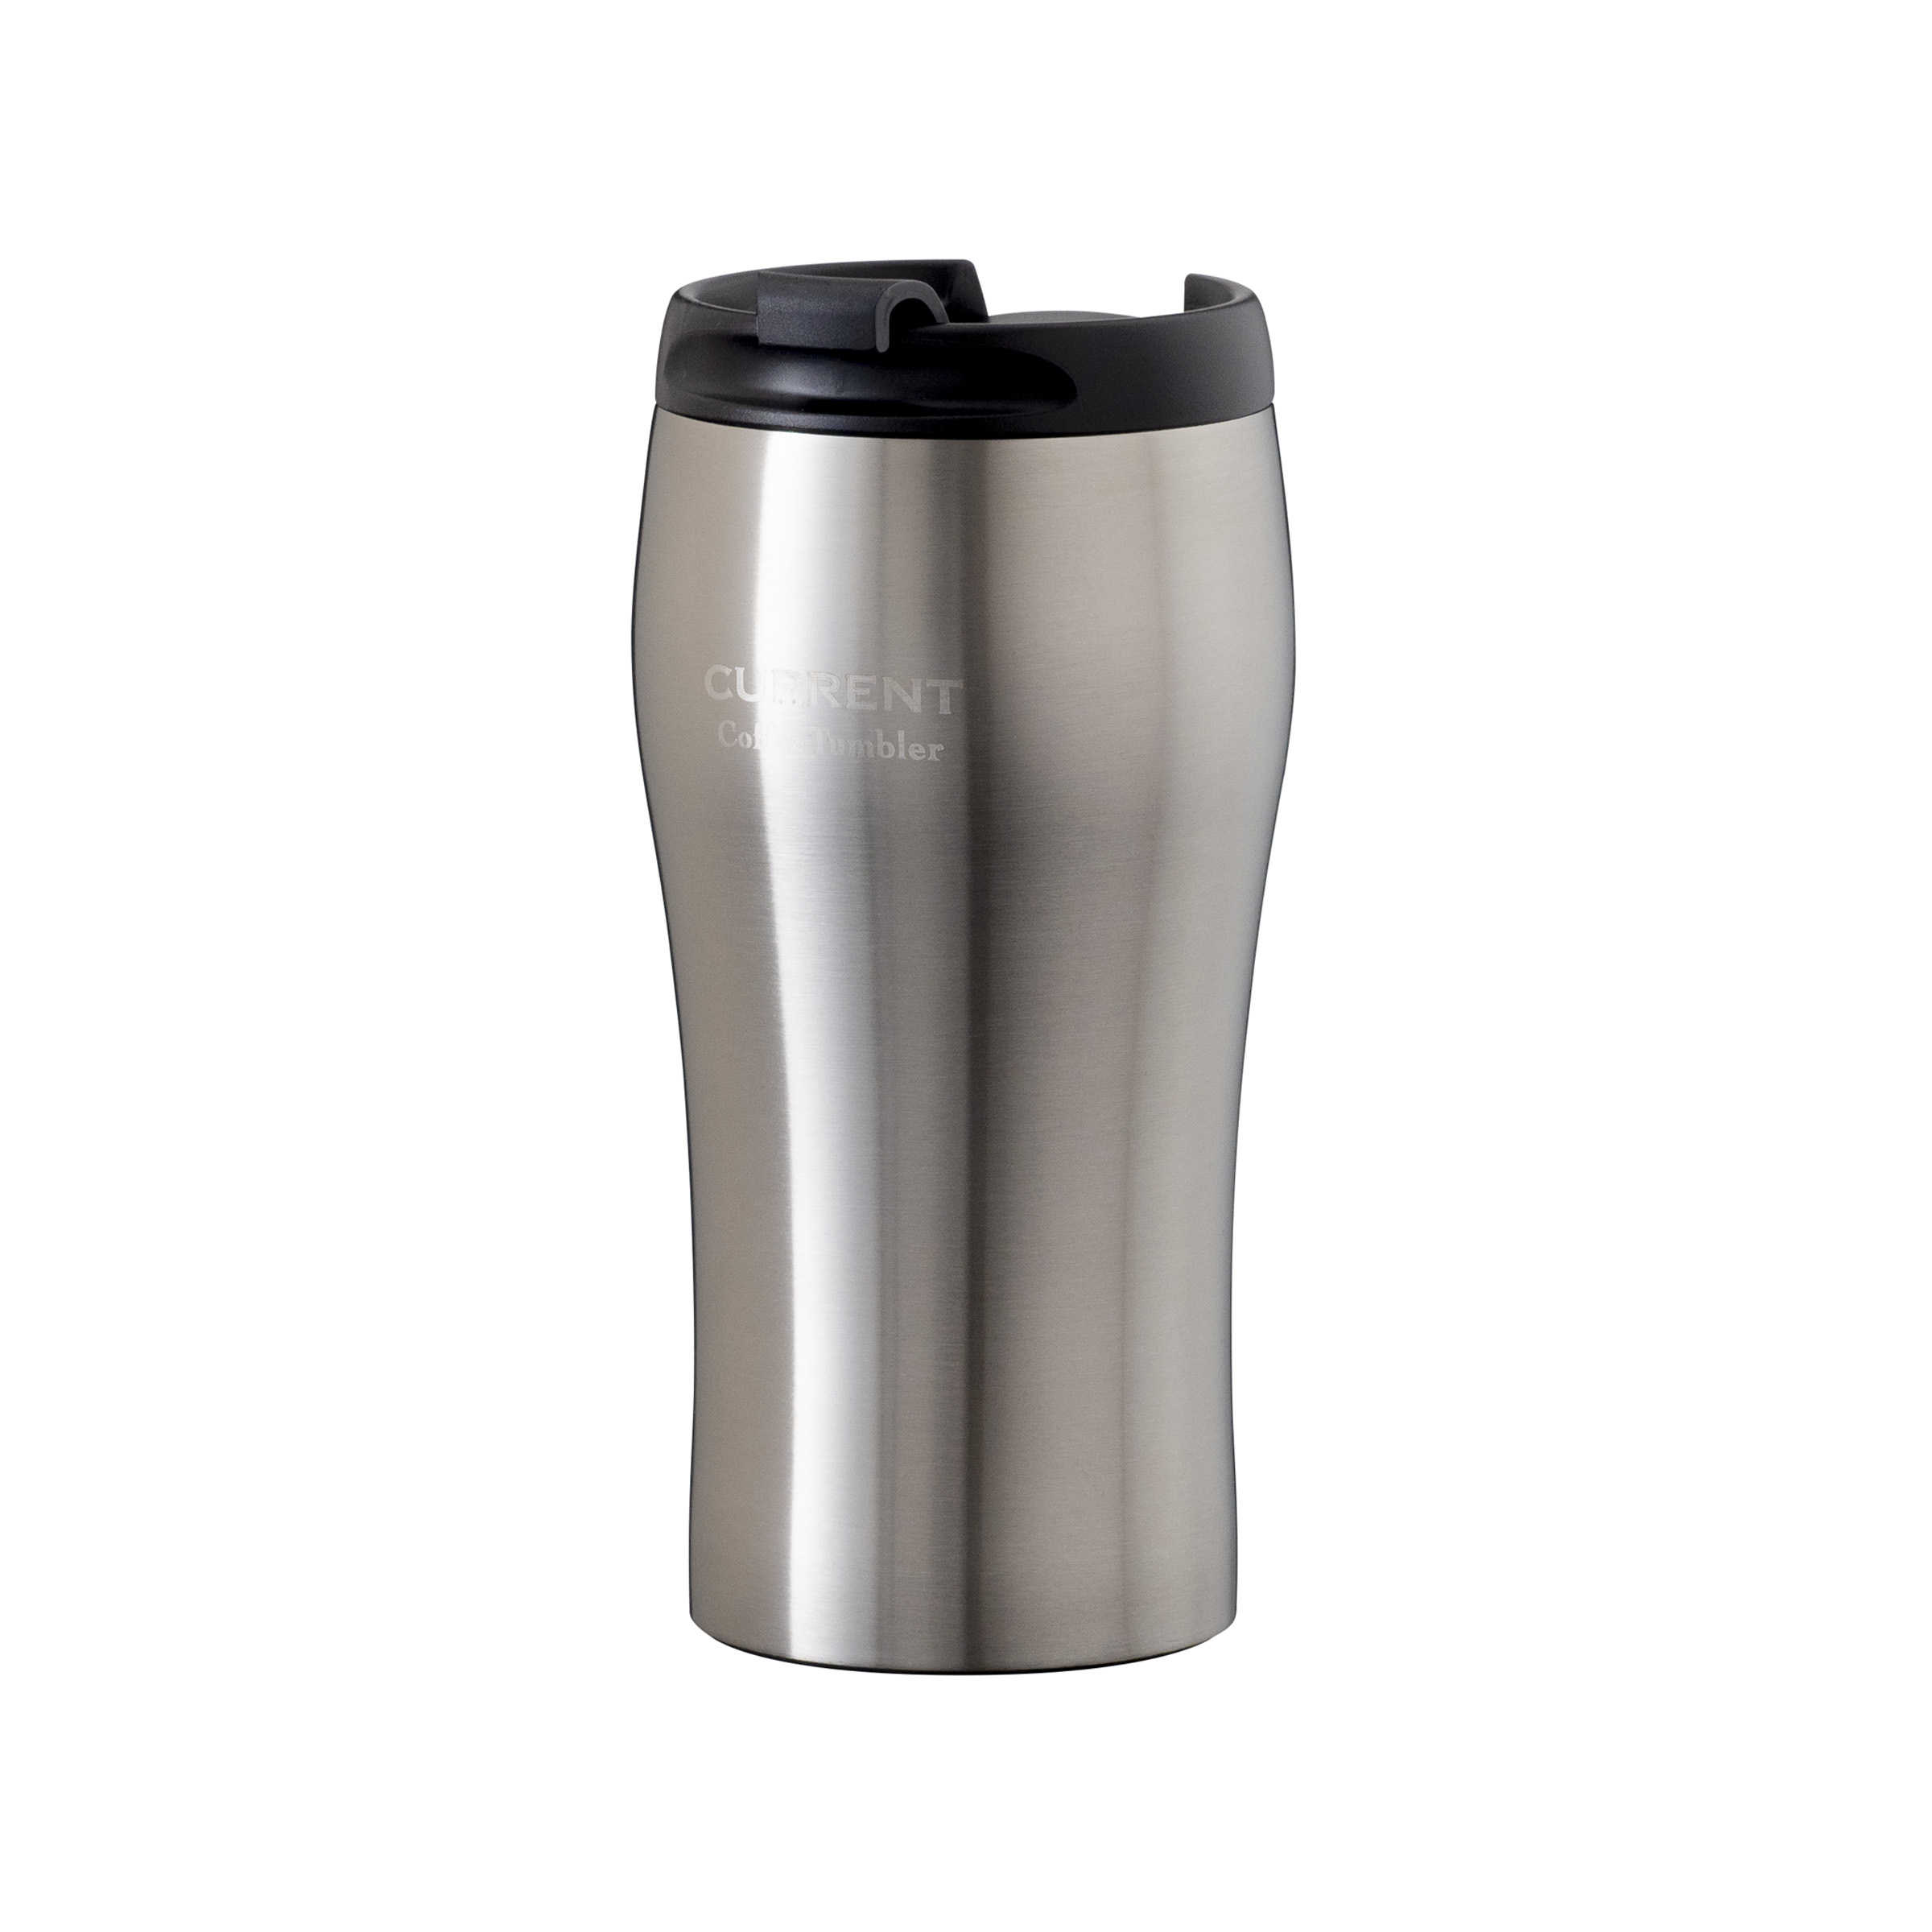 CURRENT フタ付きコーヒータンブラー 350ml  シルバー